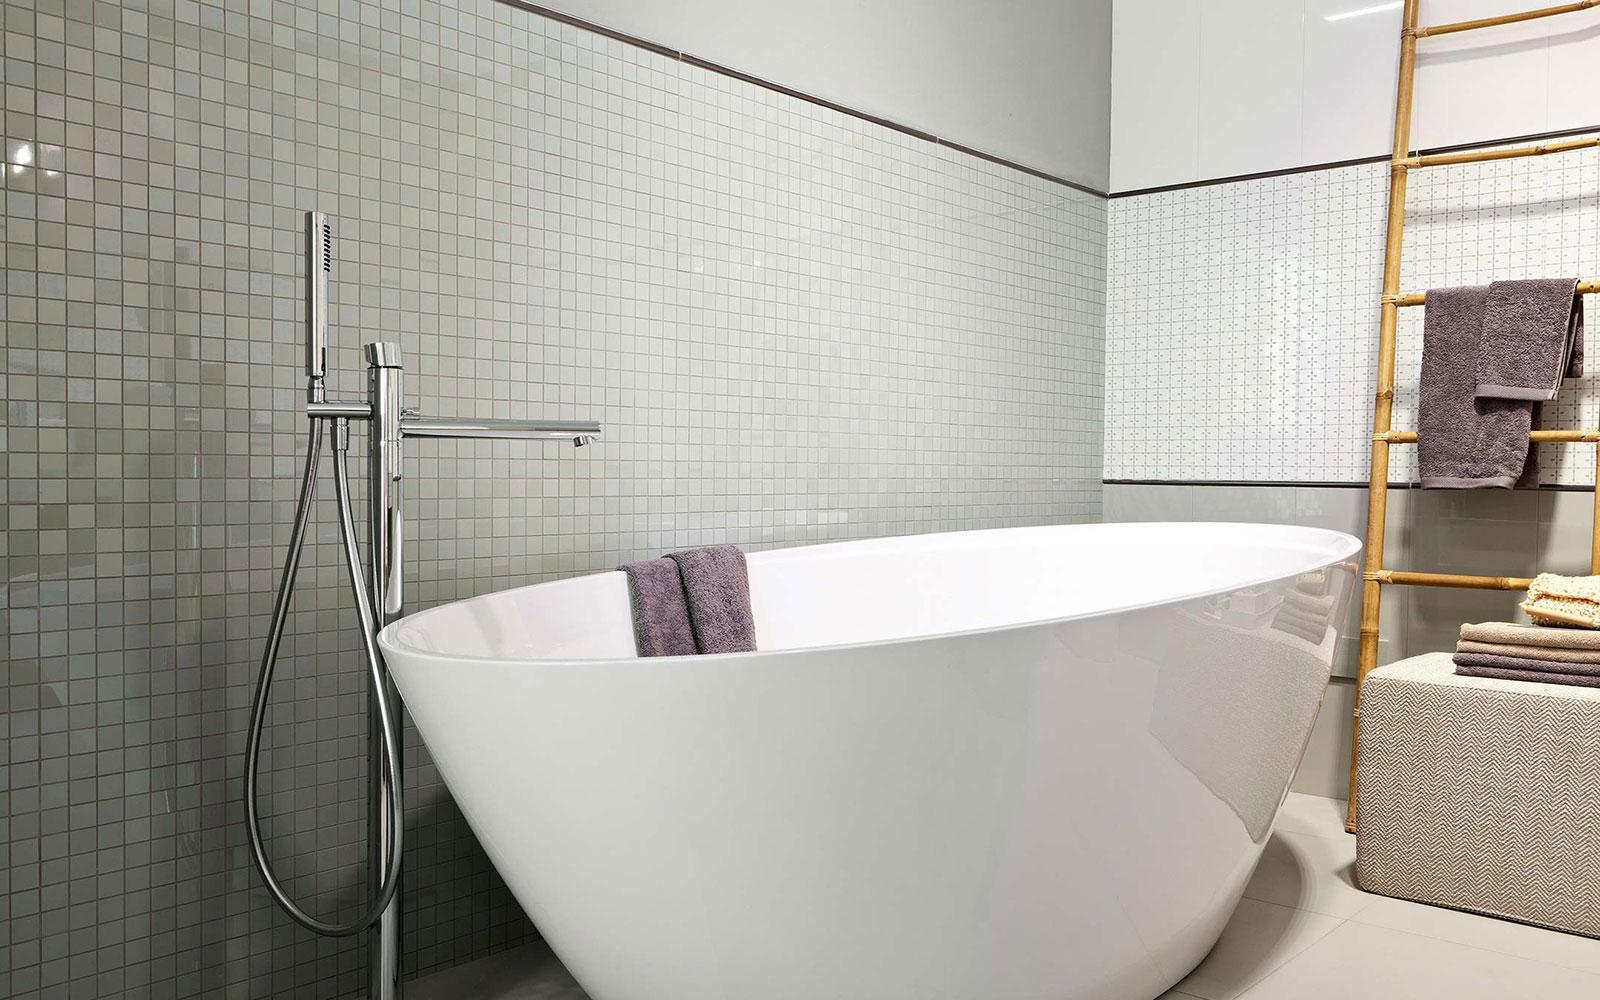 Revestimiento para el ba o azulejos pe a for Revestimiento adhesivo bano